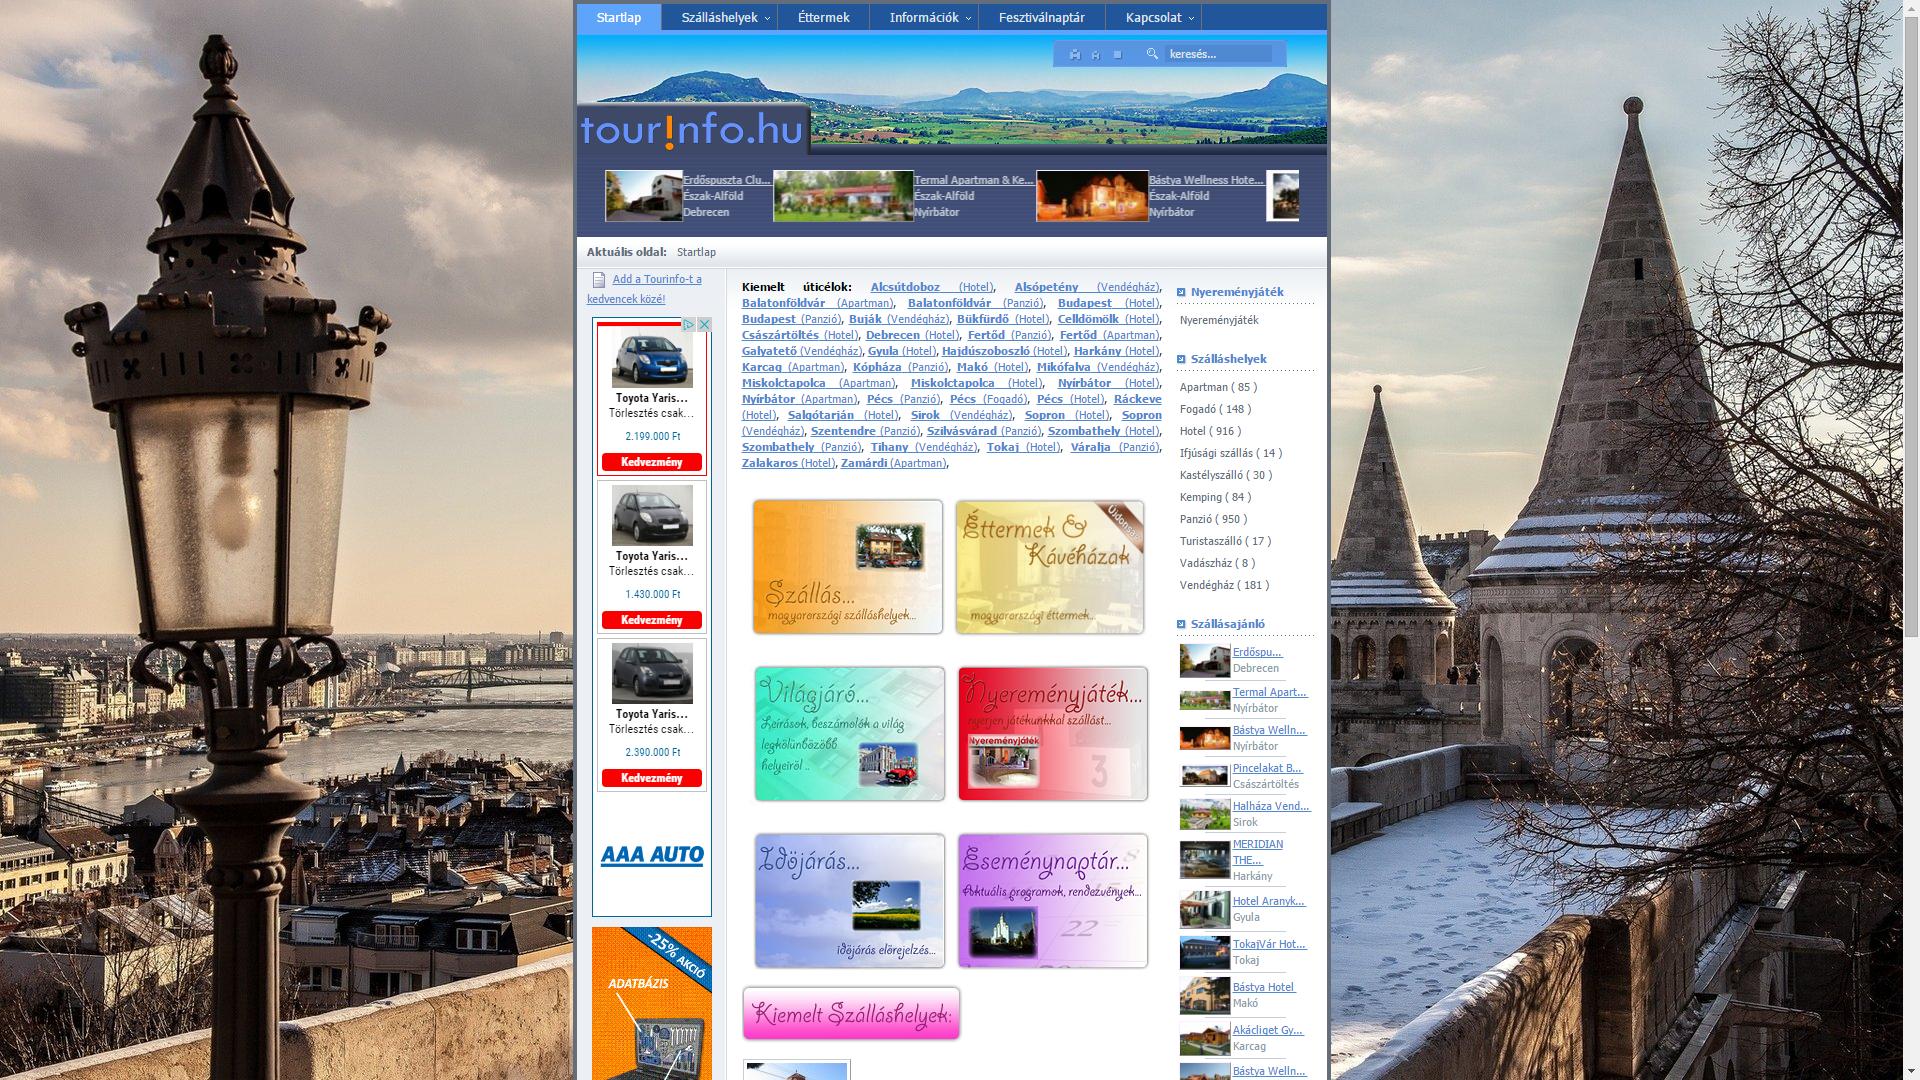 Tourinfo utazási portál